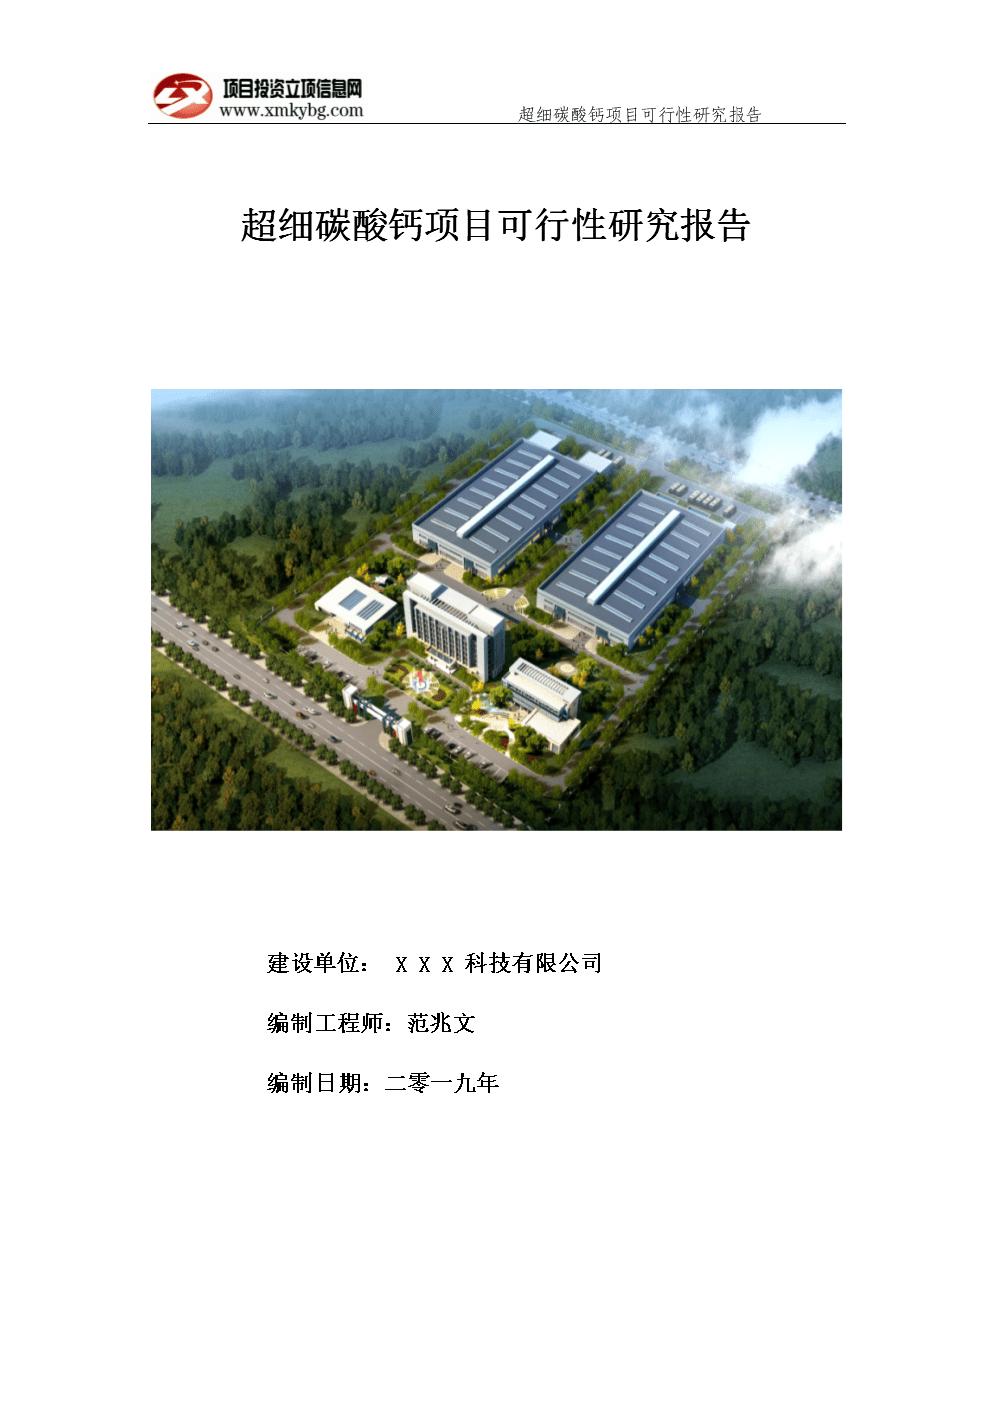 超细碳酸钙项目可行性研究报告-用于备案立项.doc